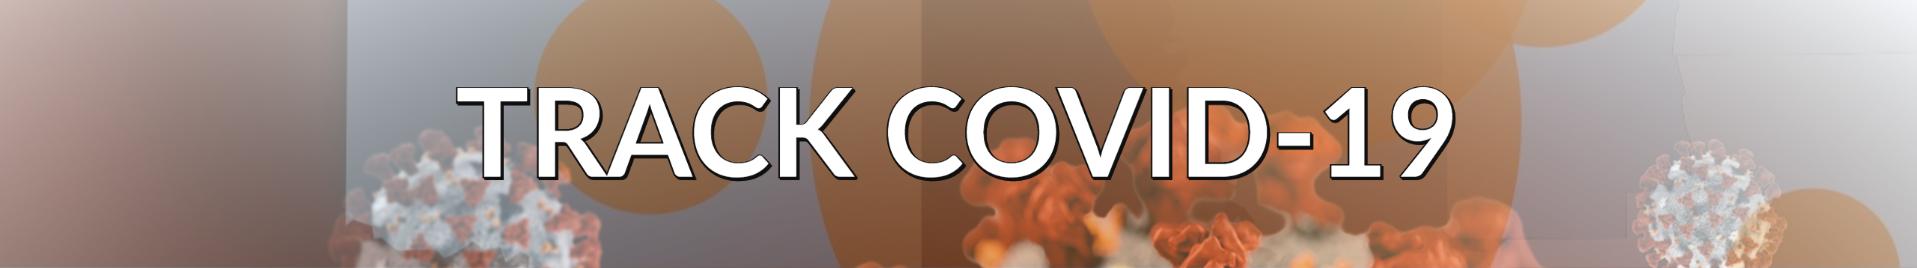 Track COVID-19